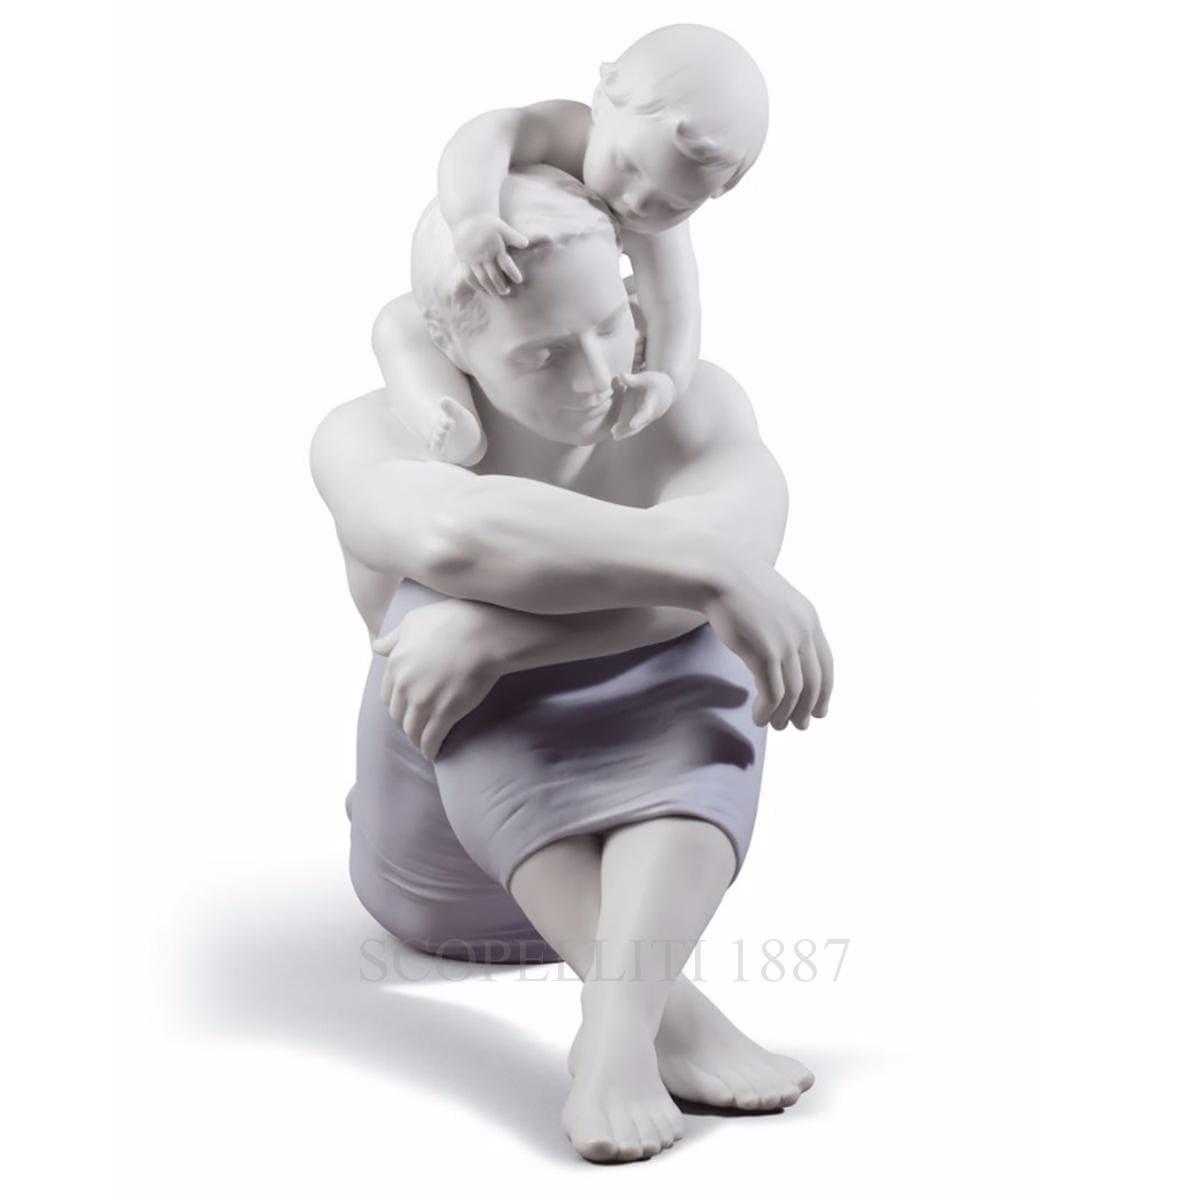 lladro i love you dad porcelain figurine spanish designer